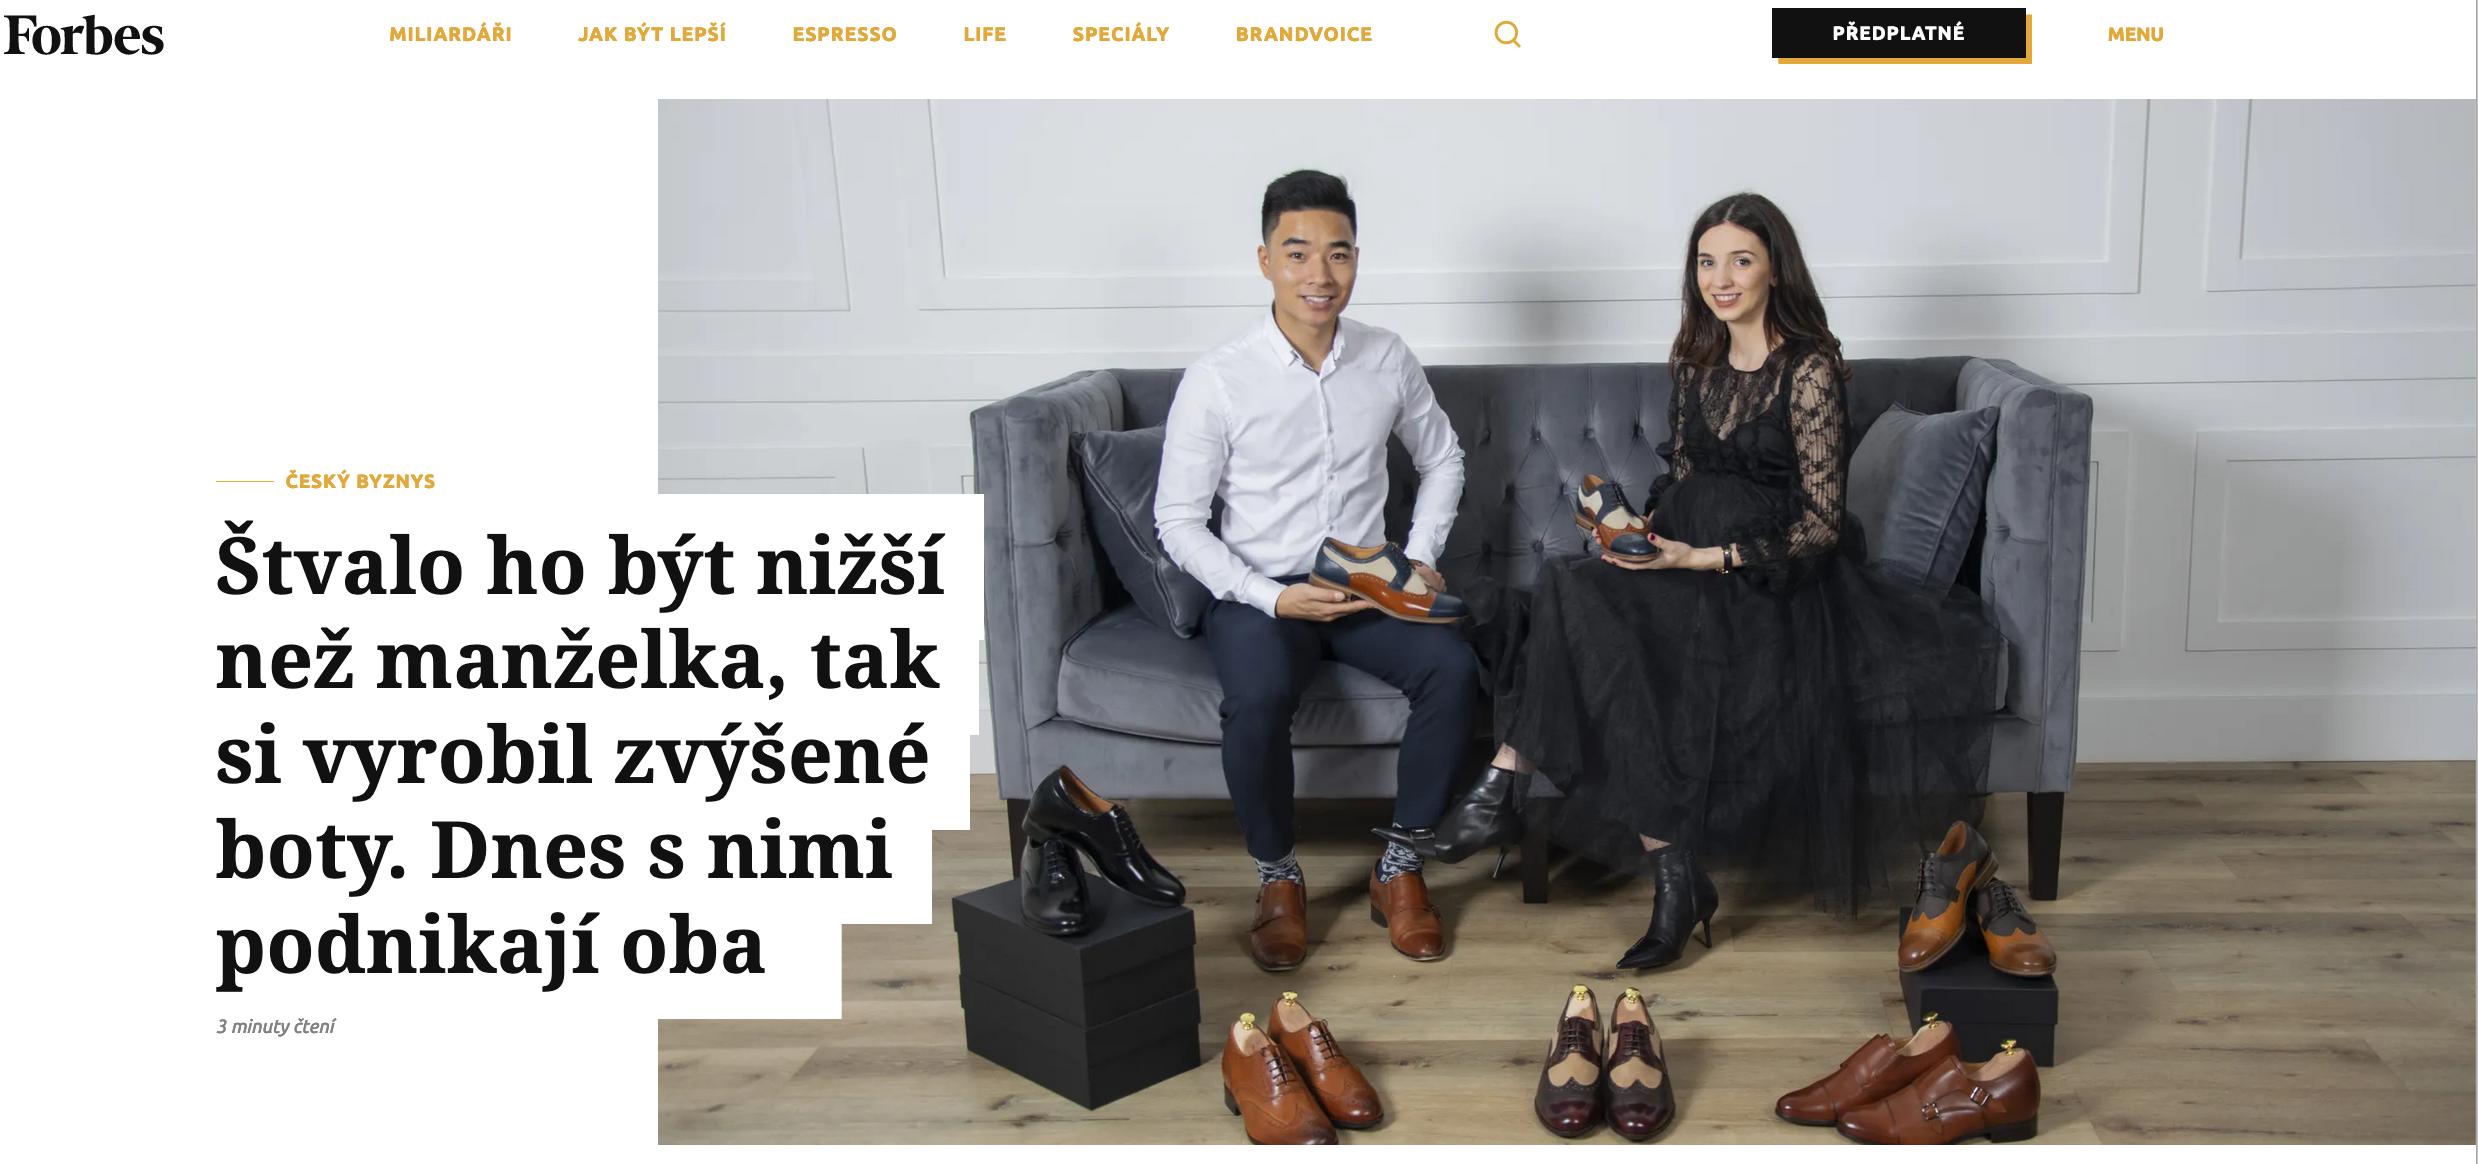 Napsali o nás - Forbes